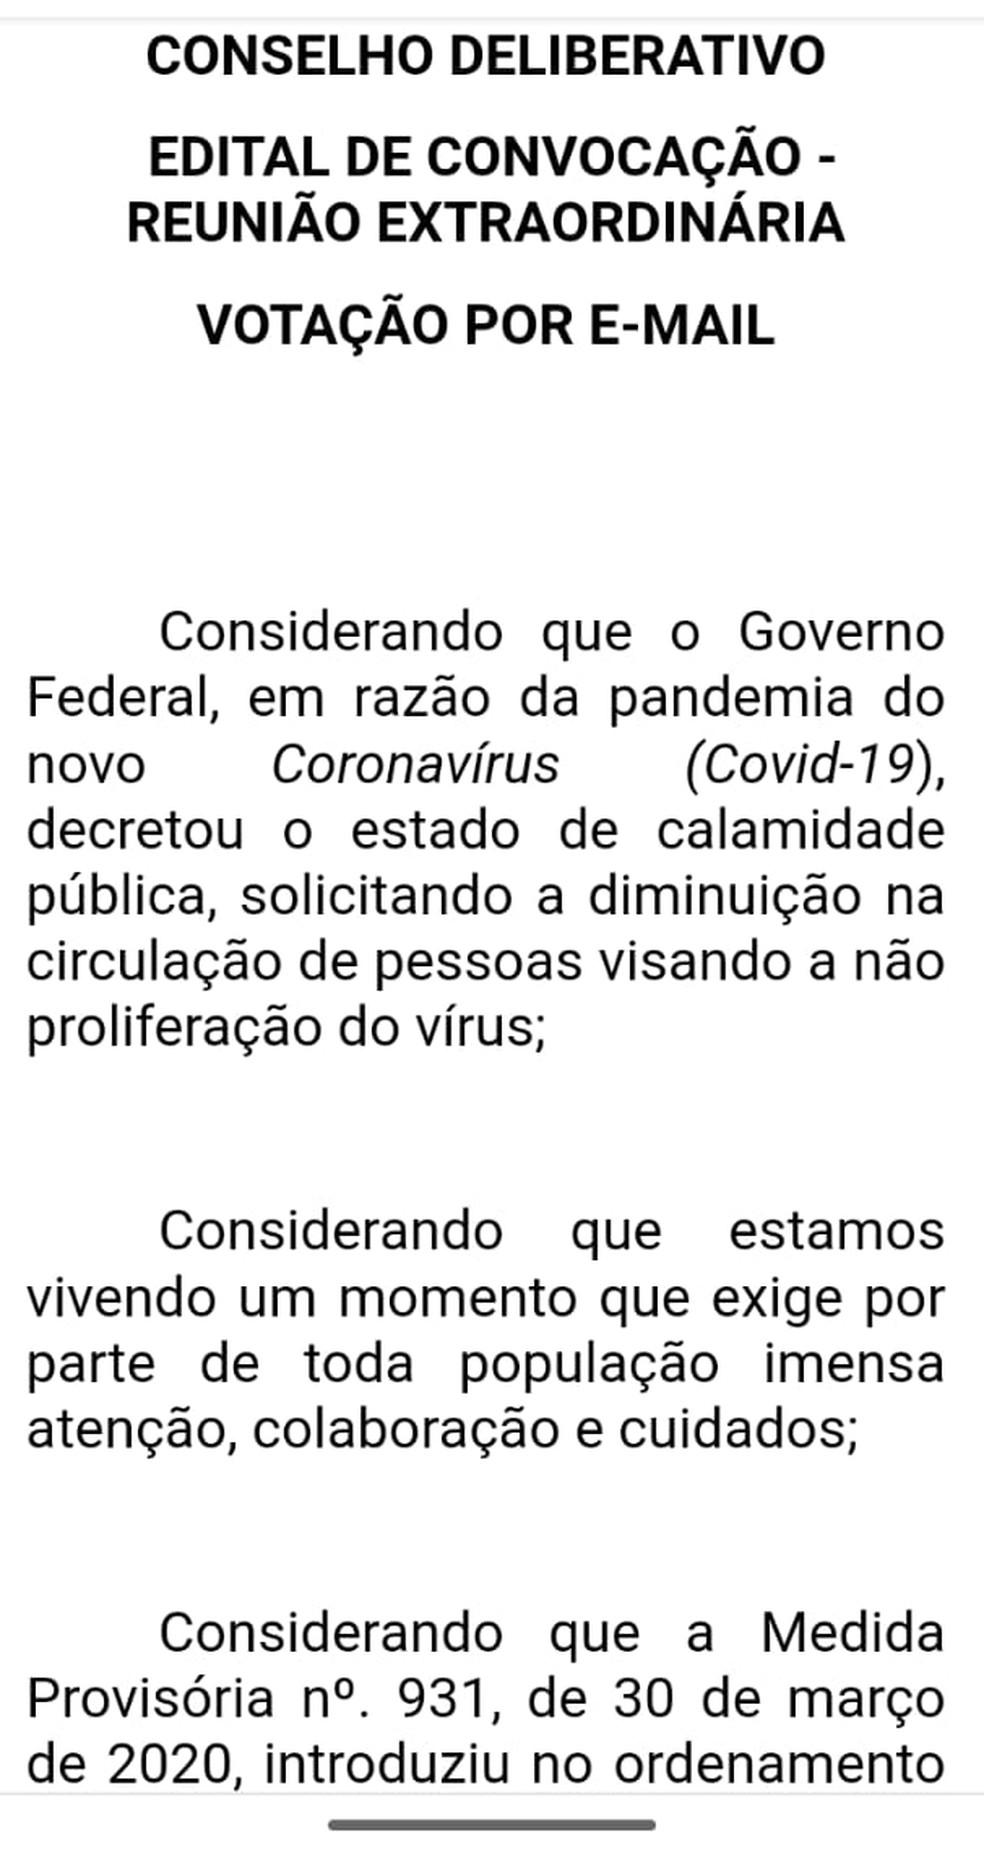 Convocação do Conselho Deliberativo — Foto: Reprodução